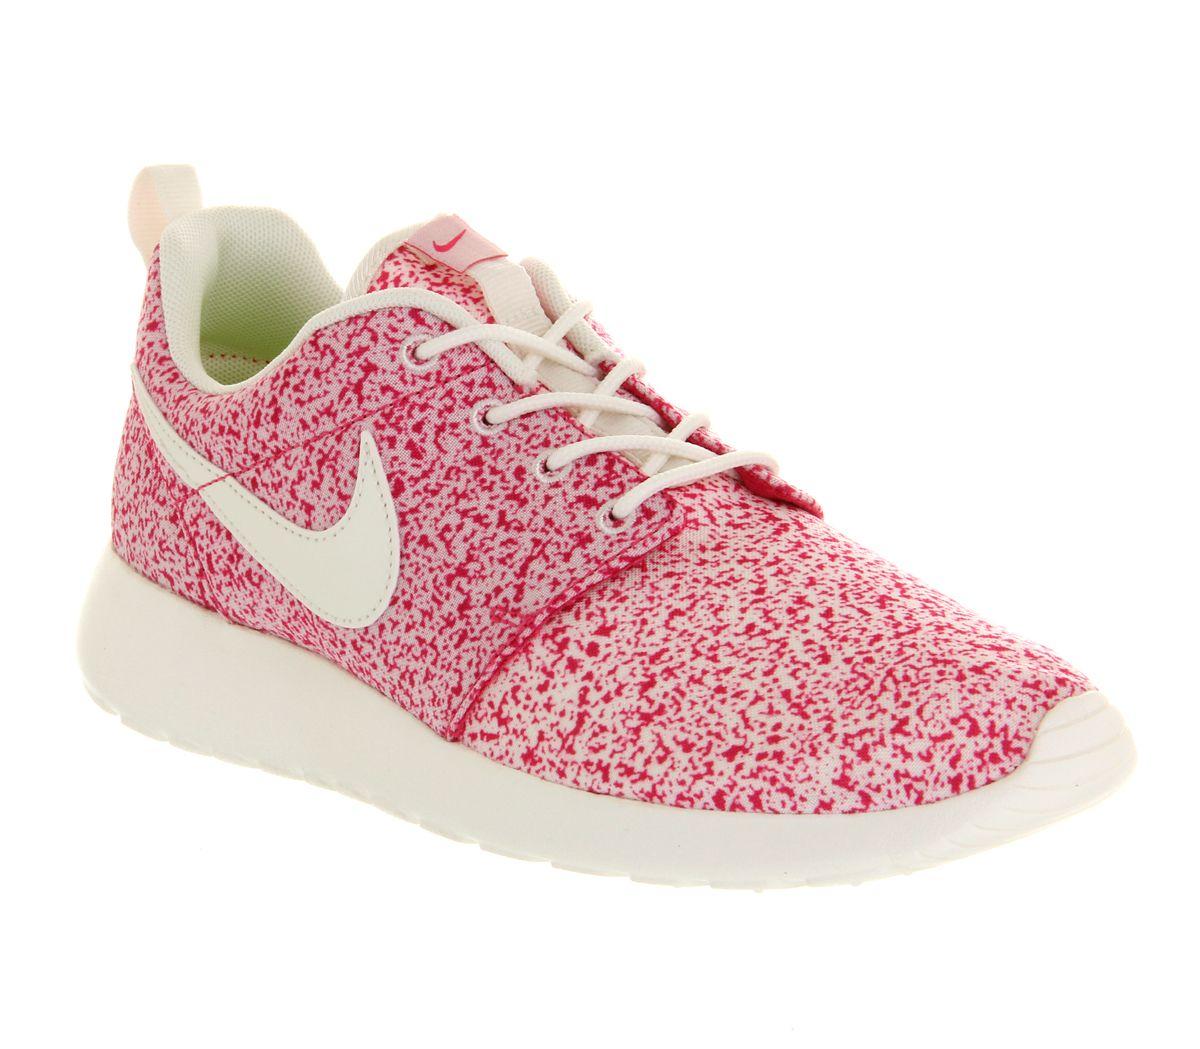 2349ec3e323d Nike Roshe Run Sail Pink Force W - Unisex Sports